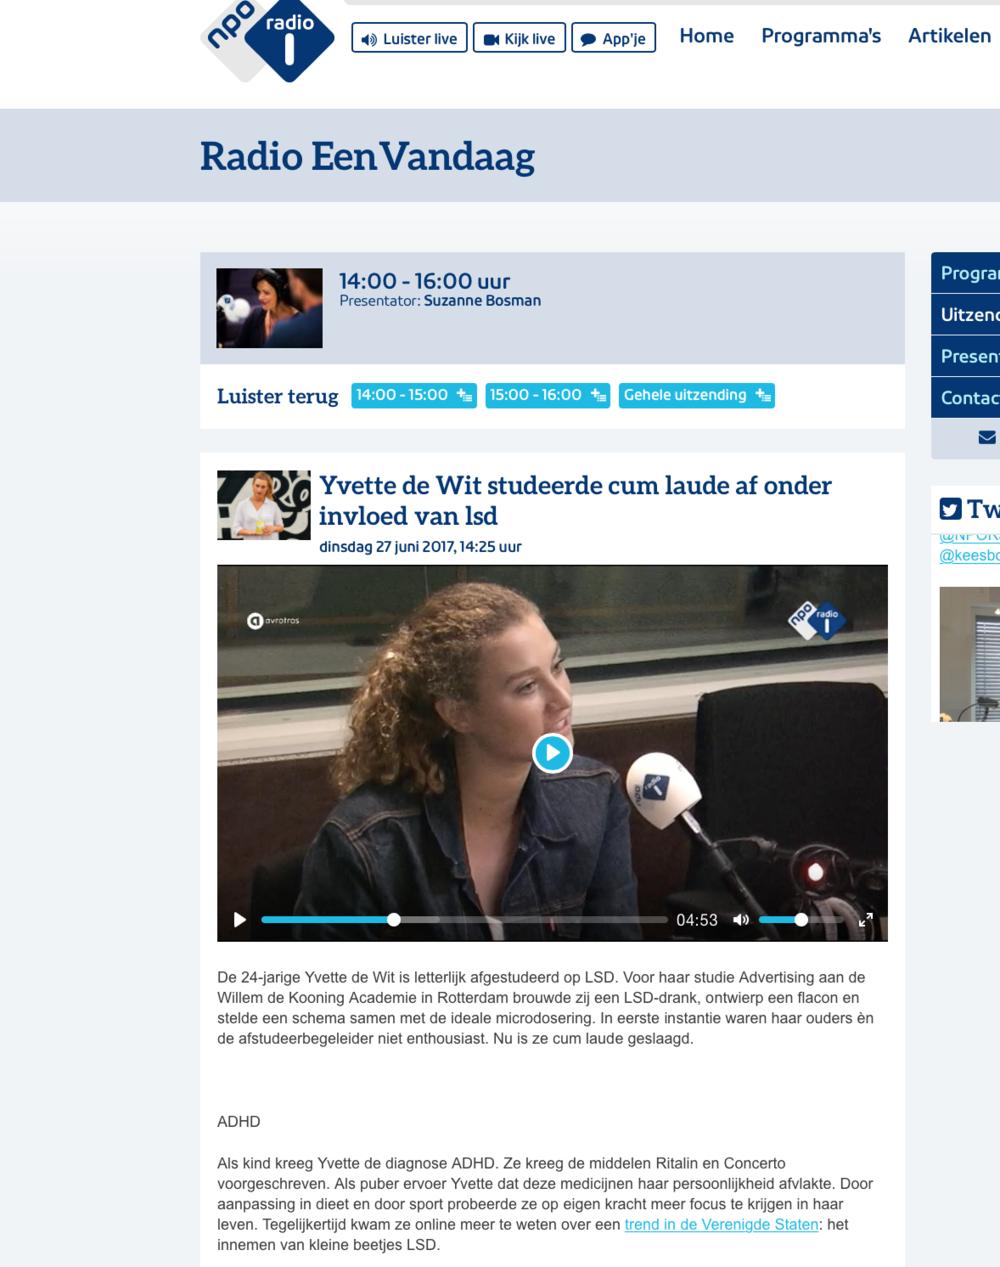 Radio 1 item    https://www.nporadio1.nl/radio-eenvandaag/onderwerpen/414579-yvette-de-wit-studeerde-cum-laude-af-onder-invloed-van-lsd